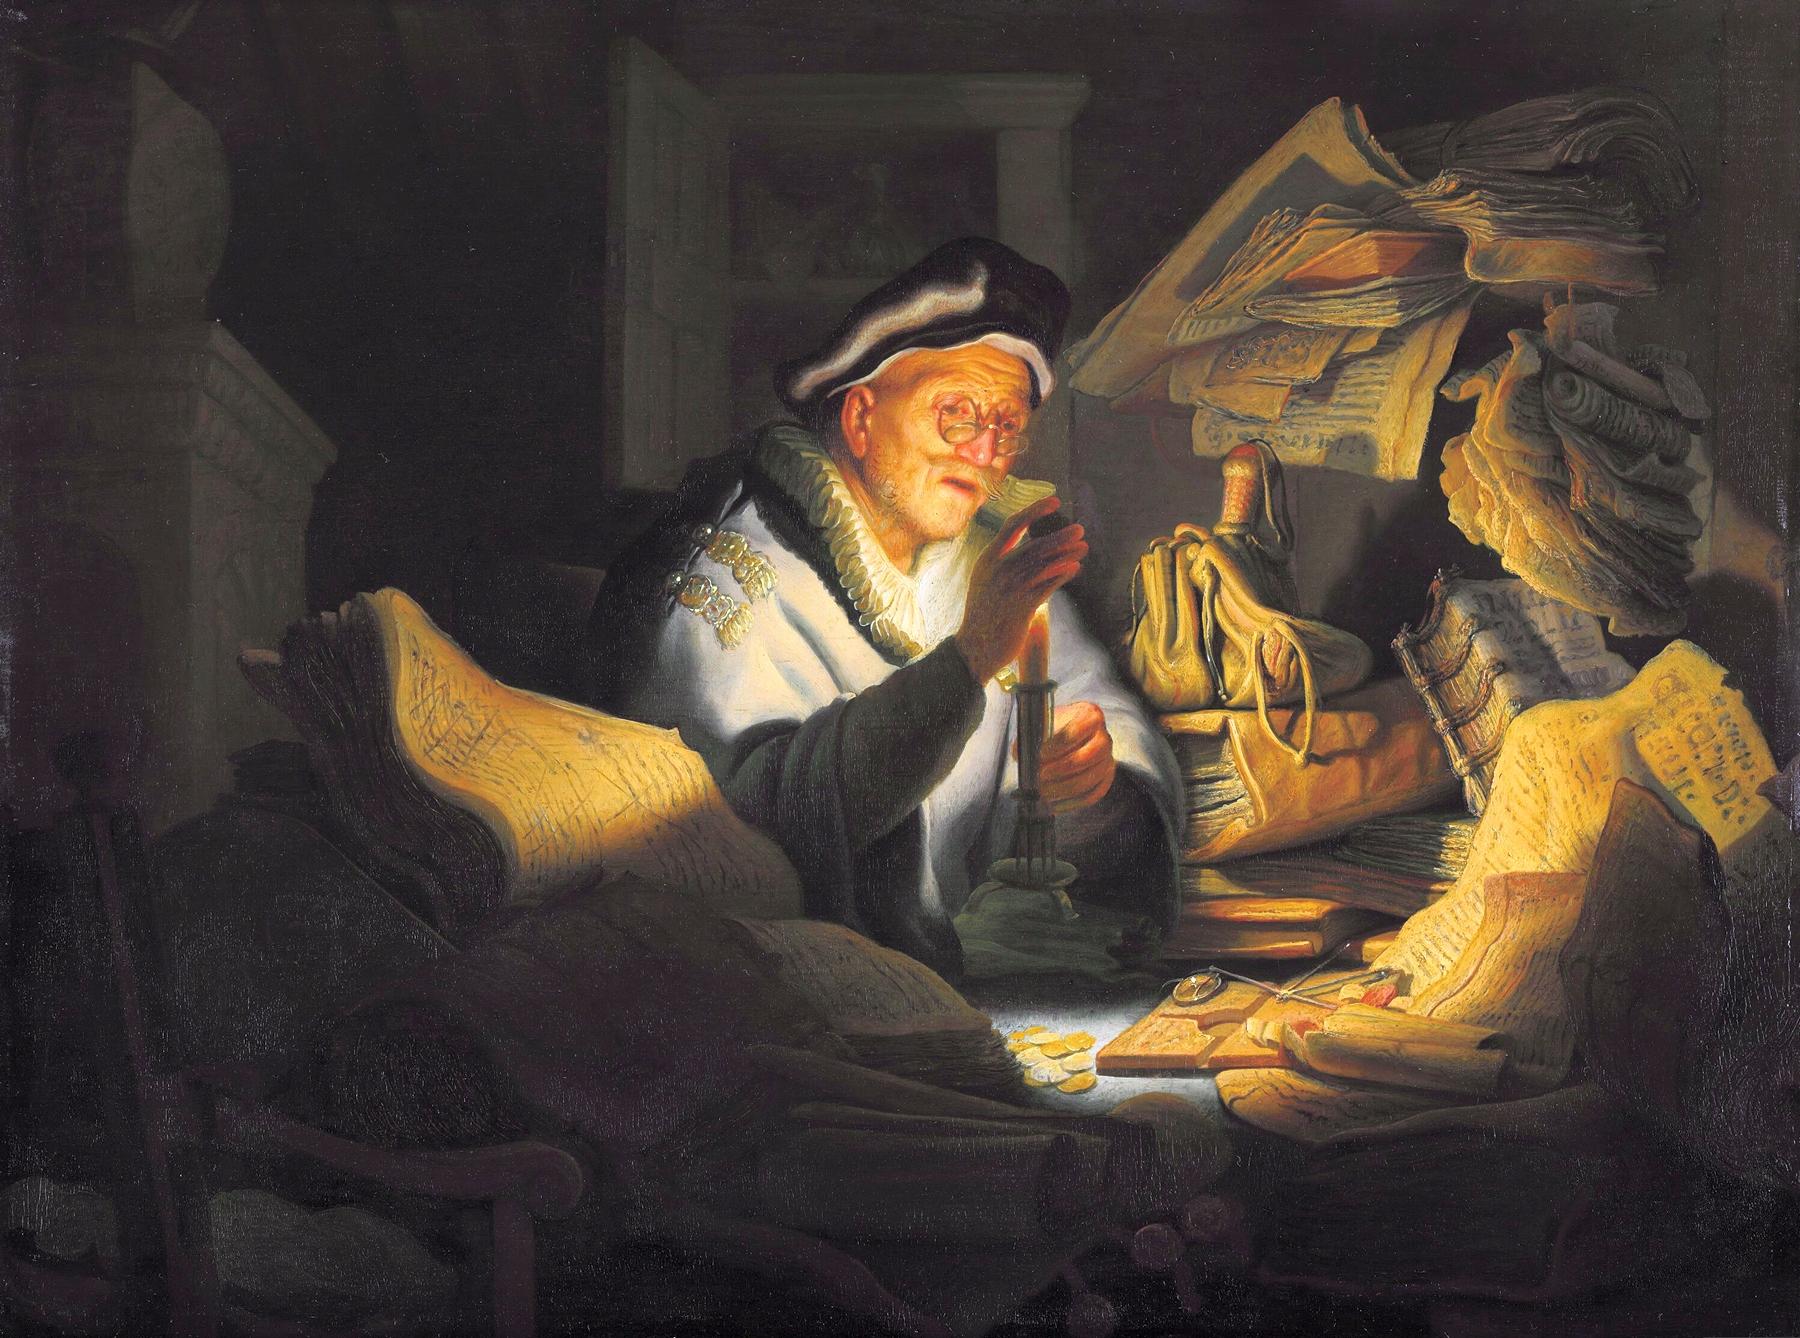 Картина Меняла :: Харменс ван Рейн Рембрандт - Rembrandt фото